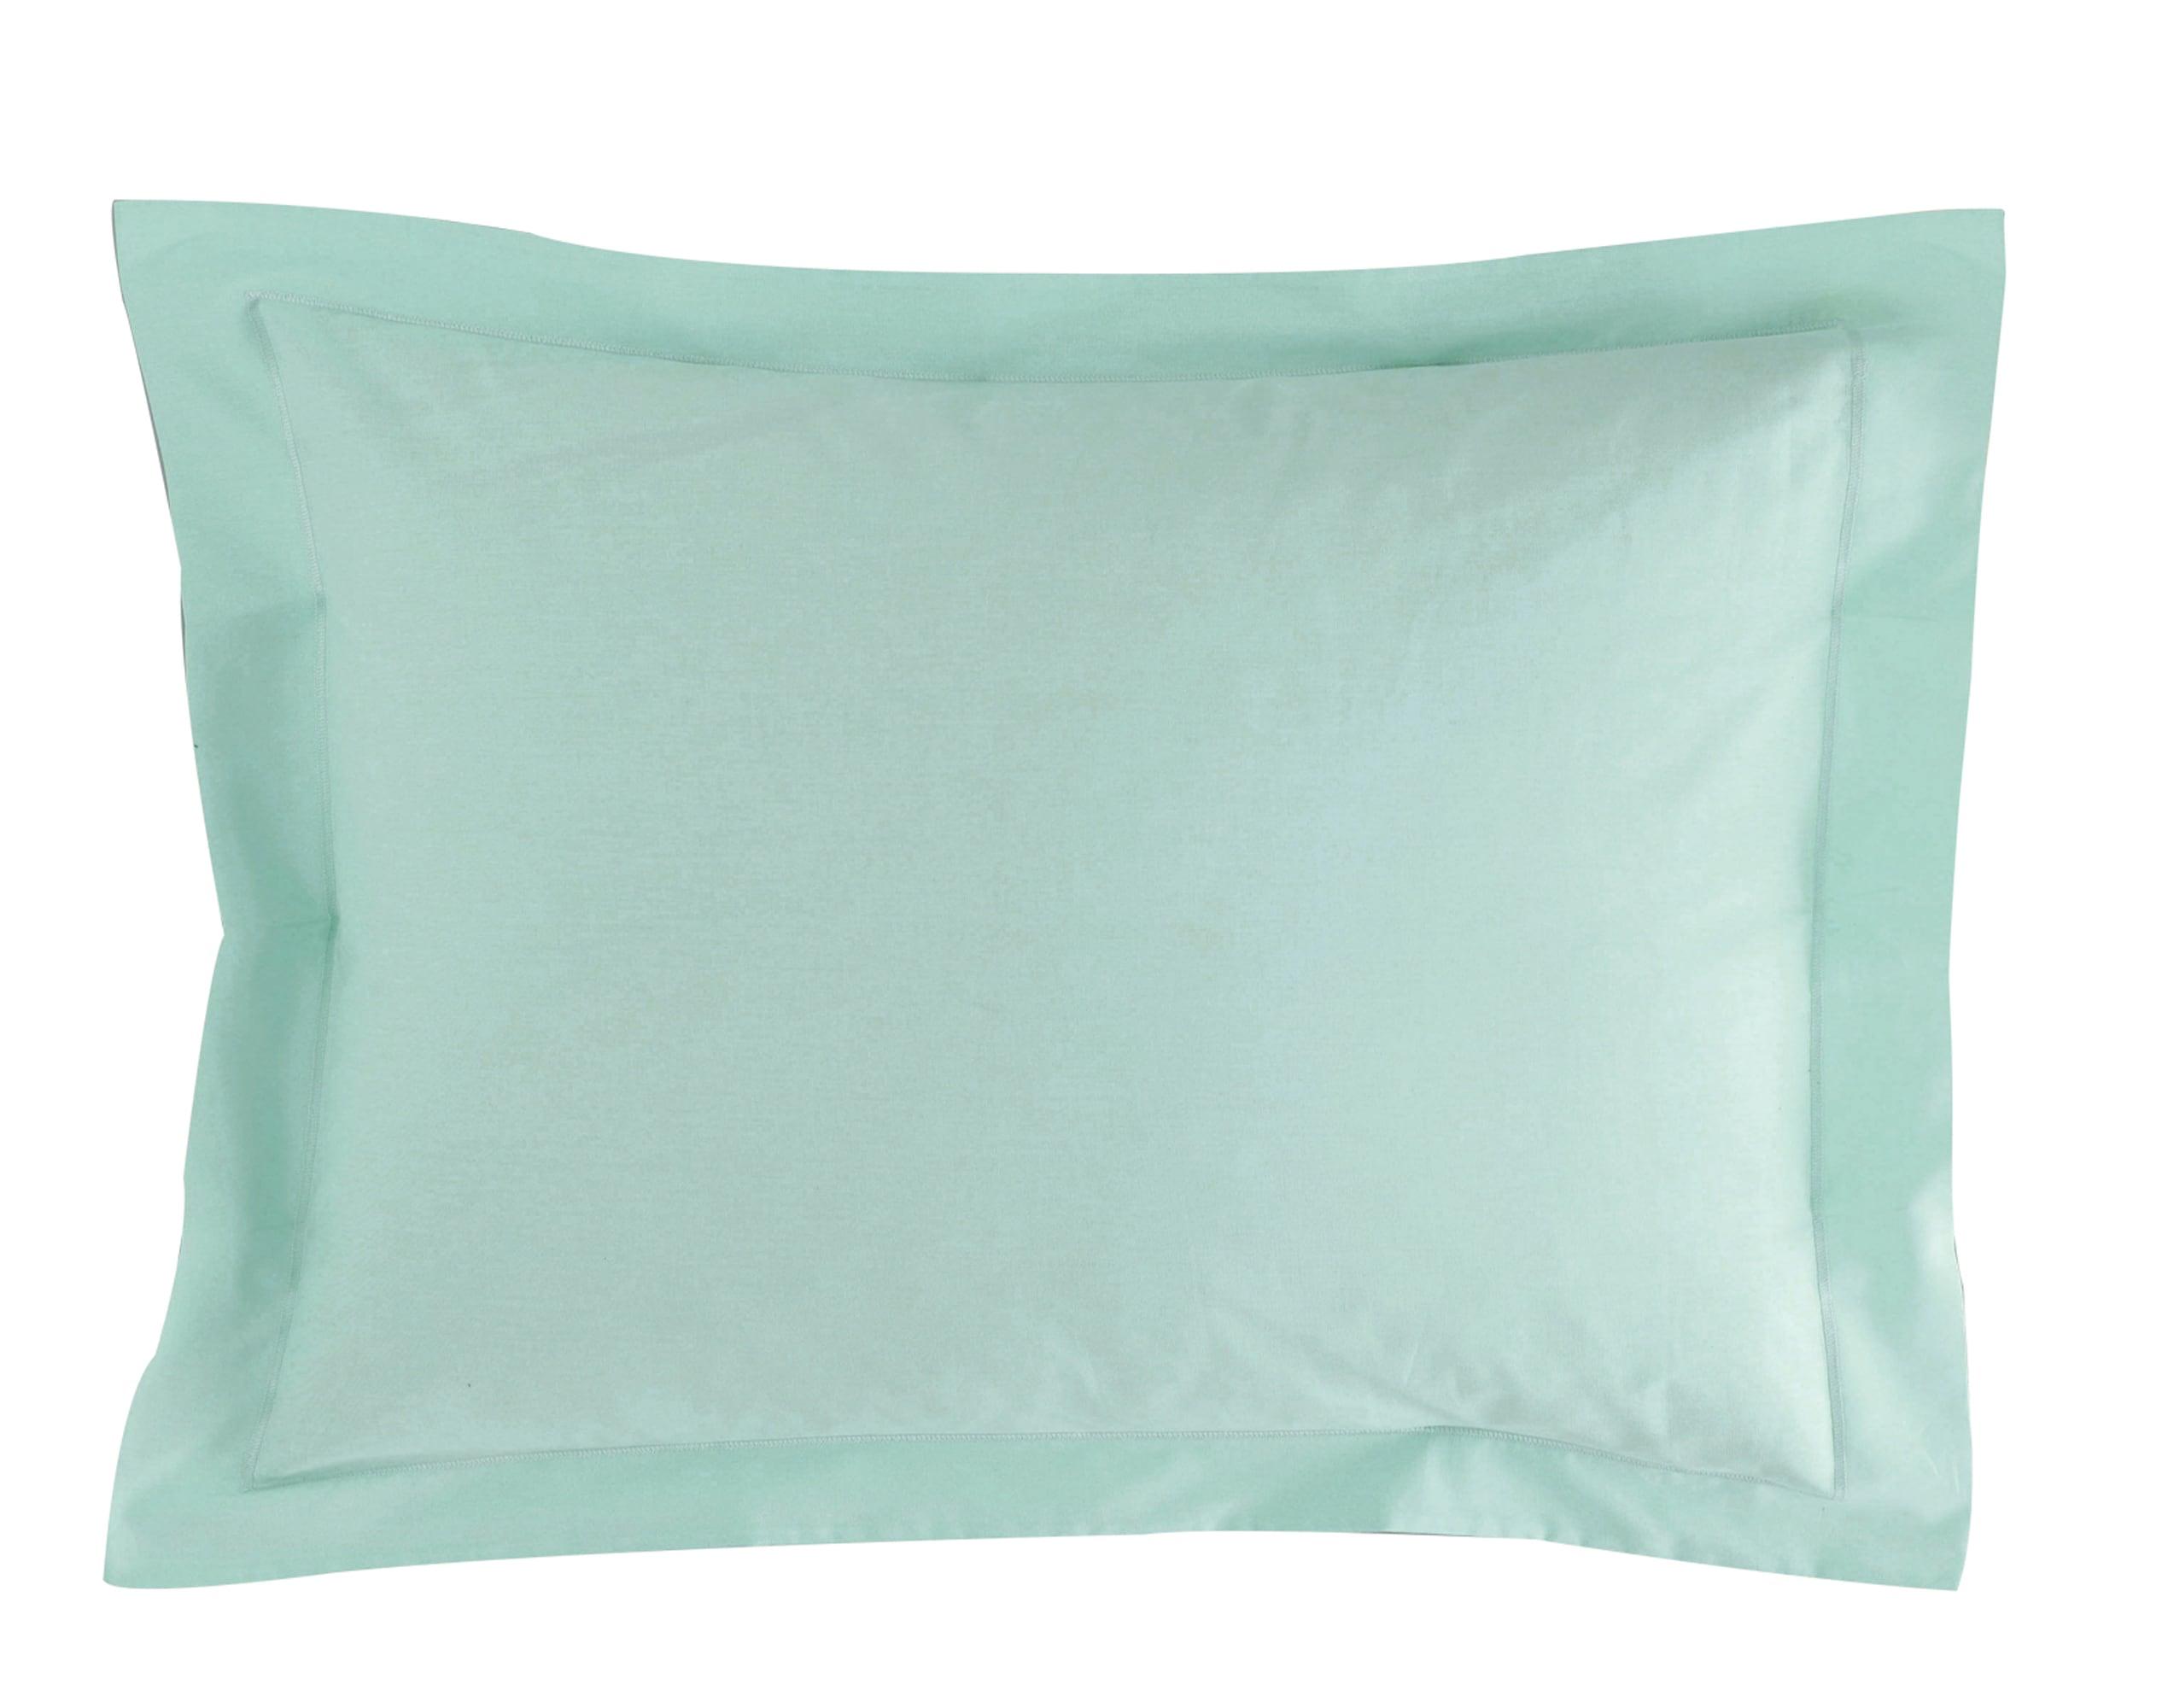 Taie d'oreiller 50x70 en percale de coton  vert céladon